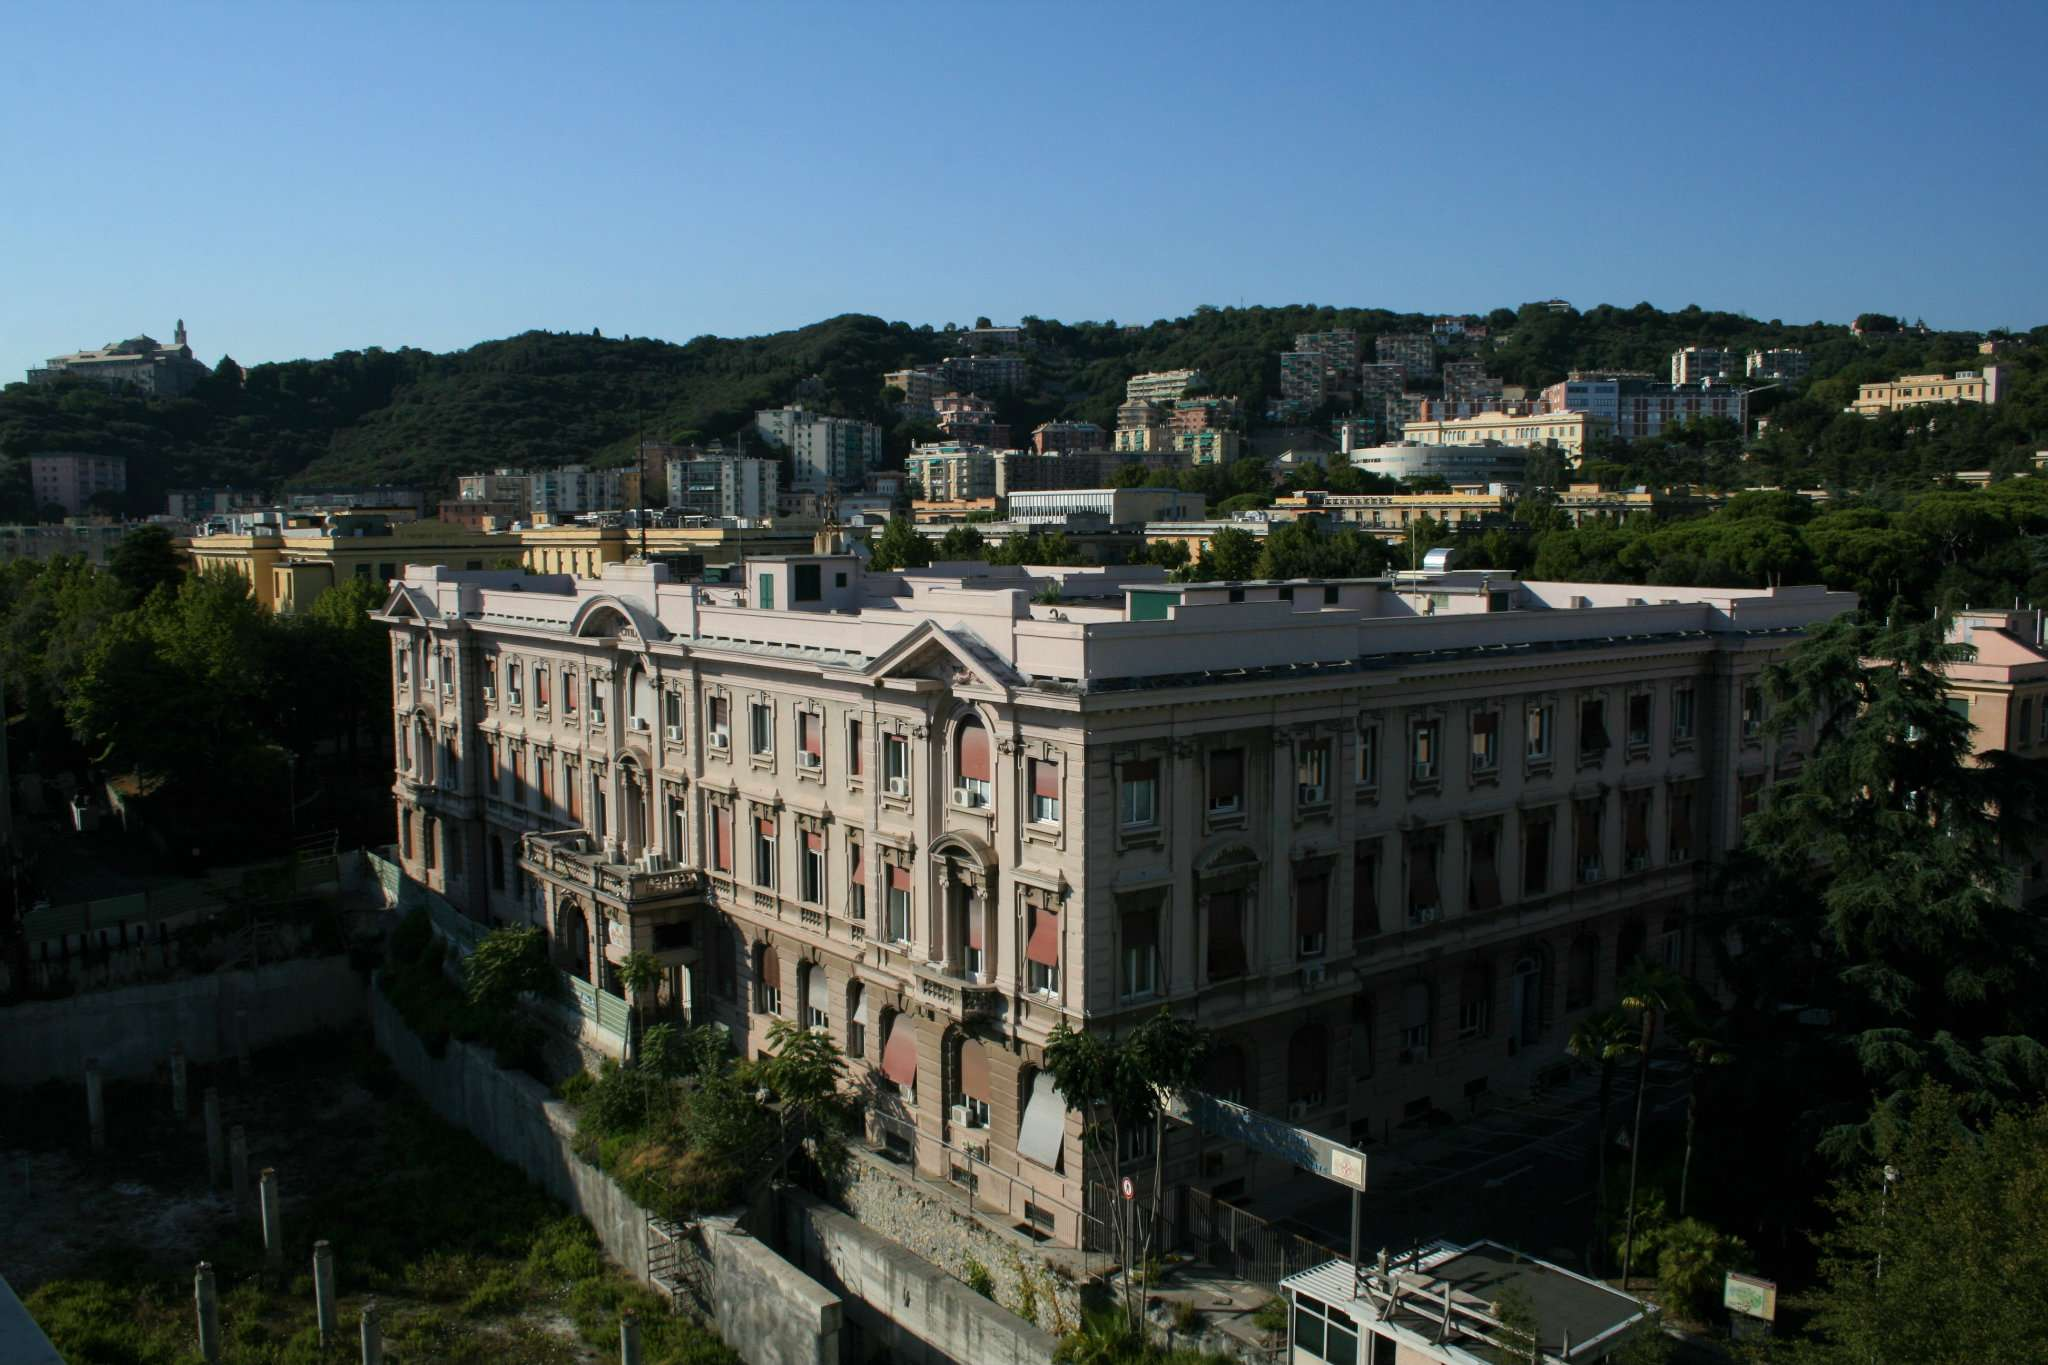 Appartamento 5 locali in affitto a Genova (GE)